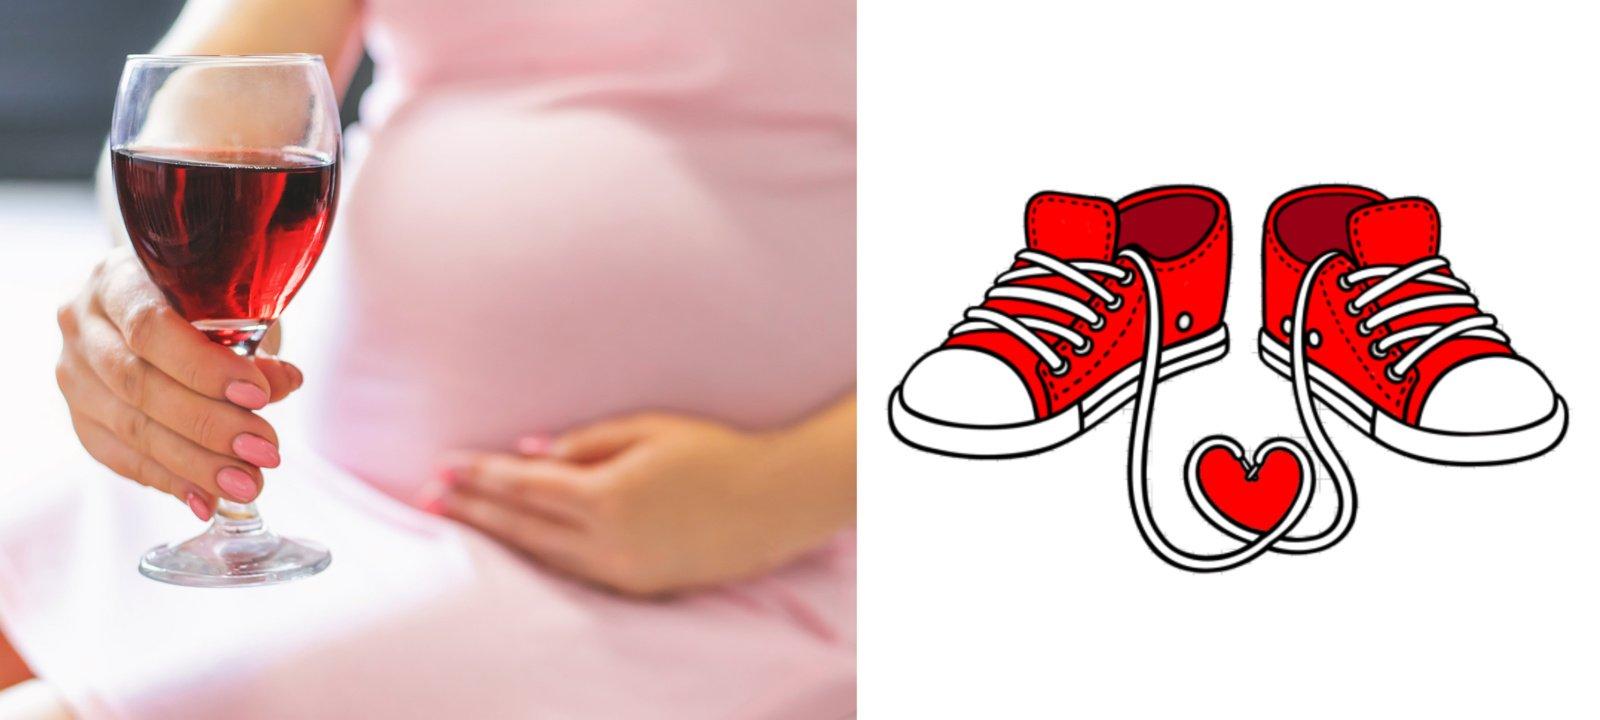 Nulis alkoholio nėštumo metu – nulis vaisiaus alkoholinio sindromo rizikos